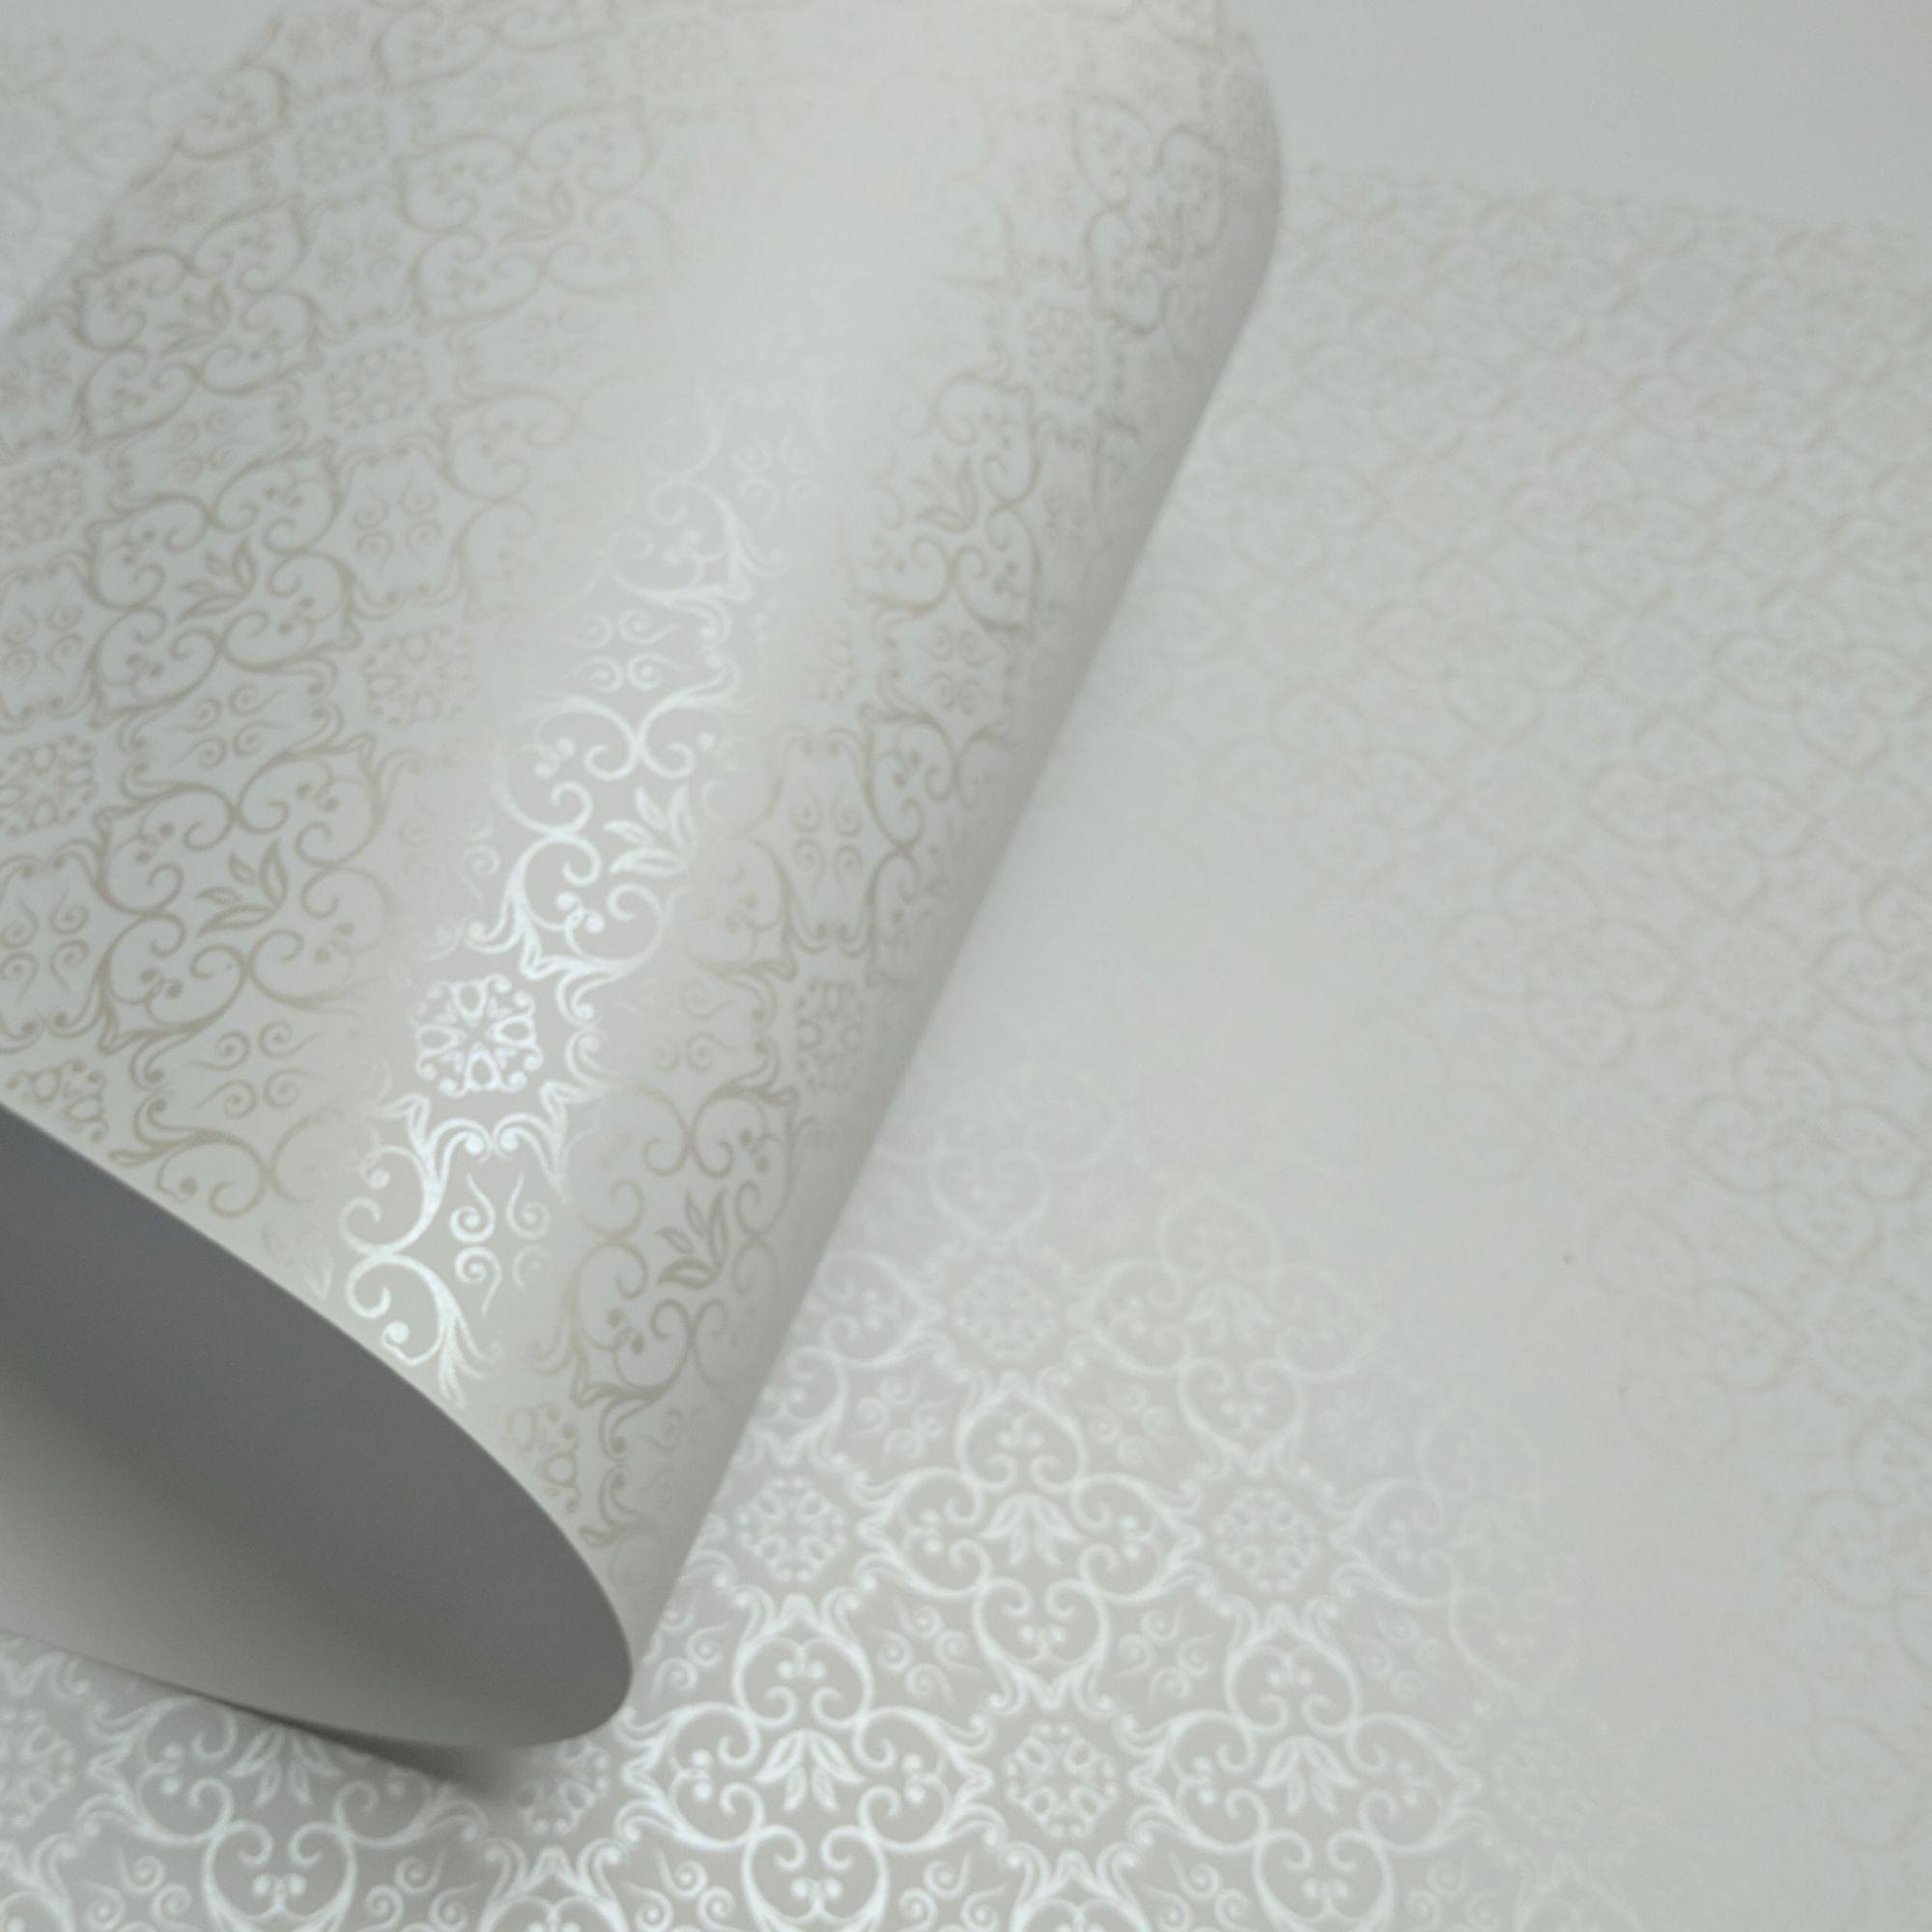 Papel Adamascado - Branco com Pérola - Tam. A3 - 180g/m²